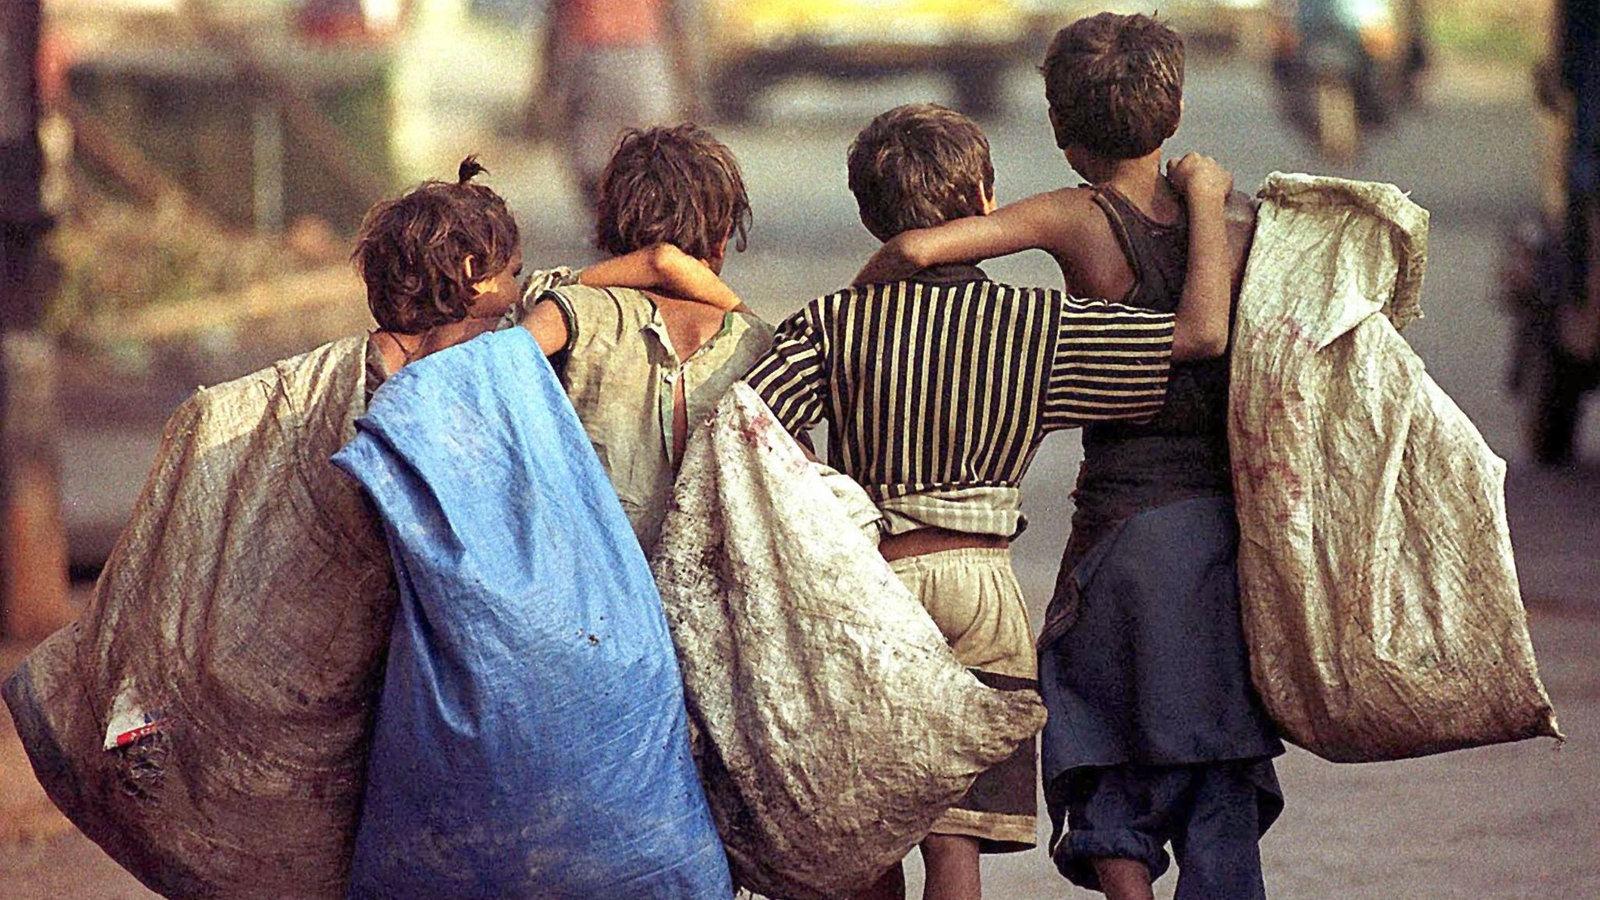 Menschenrechte: Kinderarbeit - Menschenrechte - Geschichte